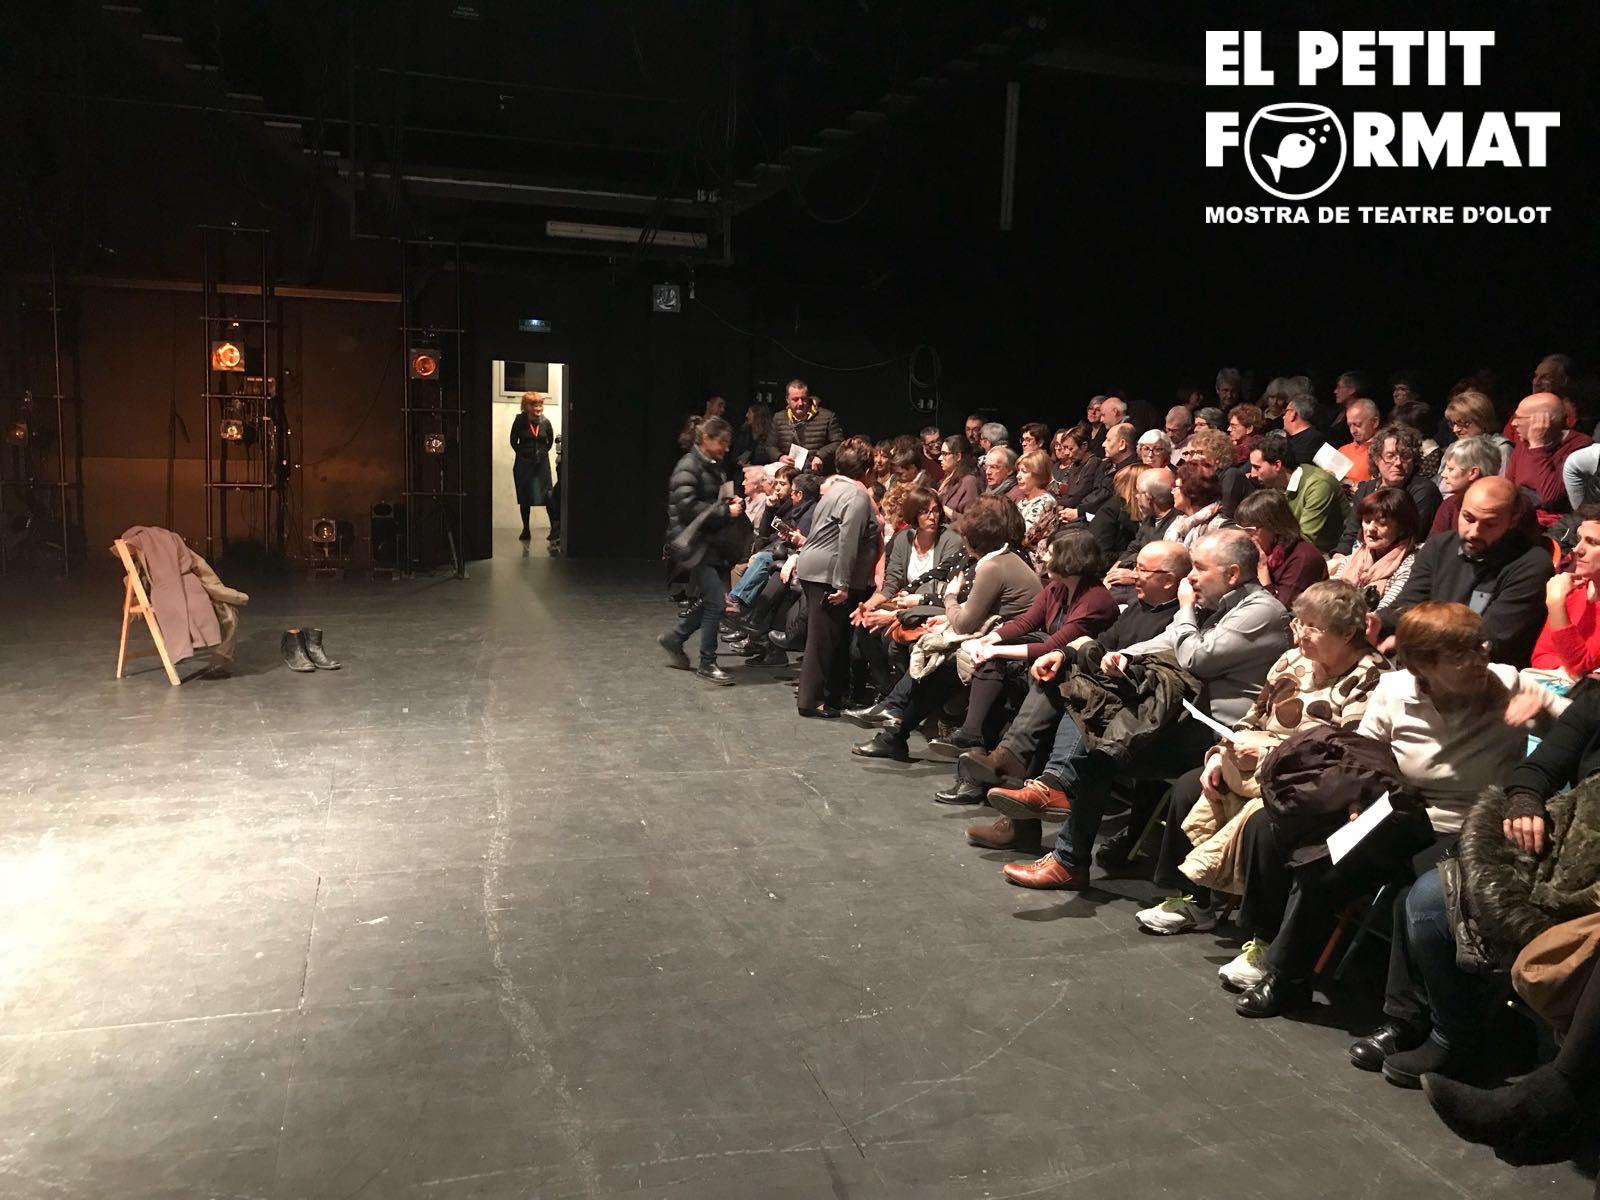 EL PETIT FORMAT 2017-14-1 copia